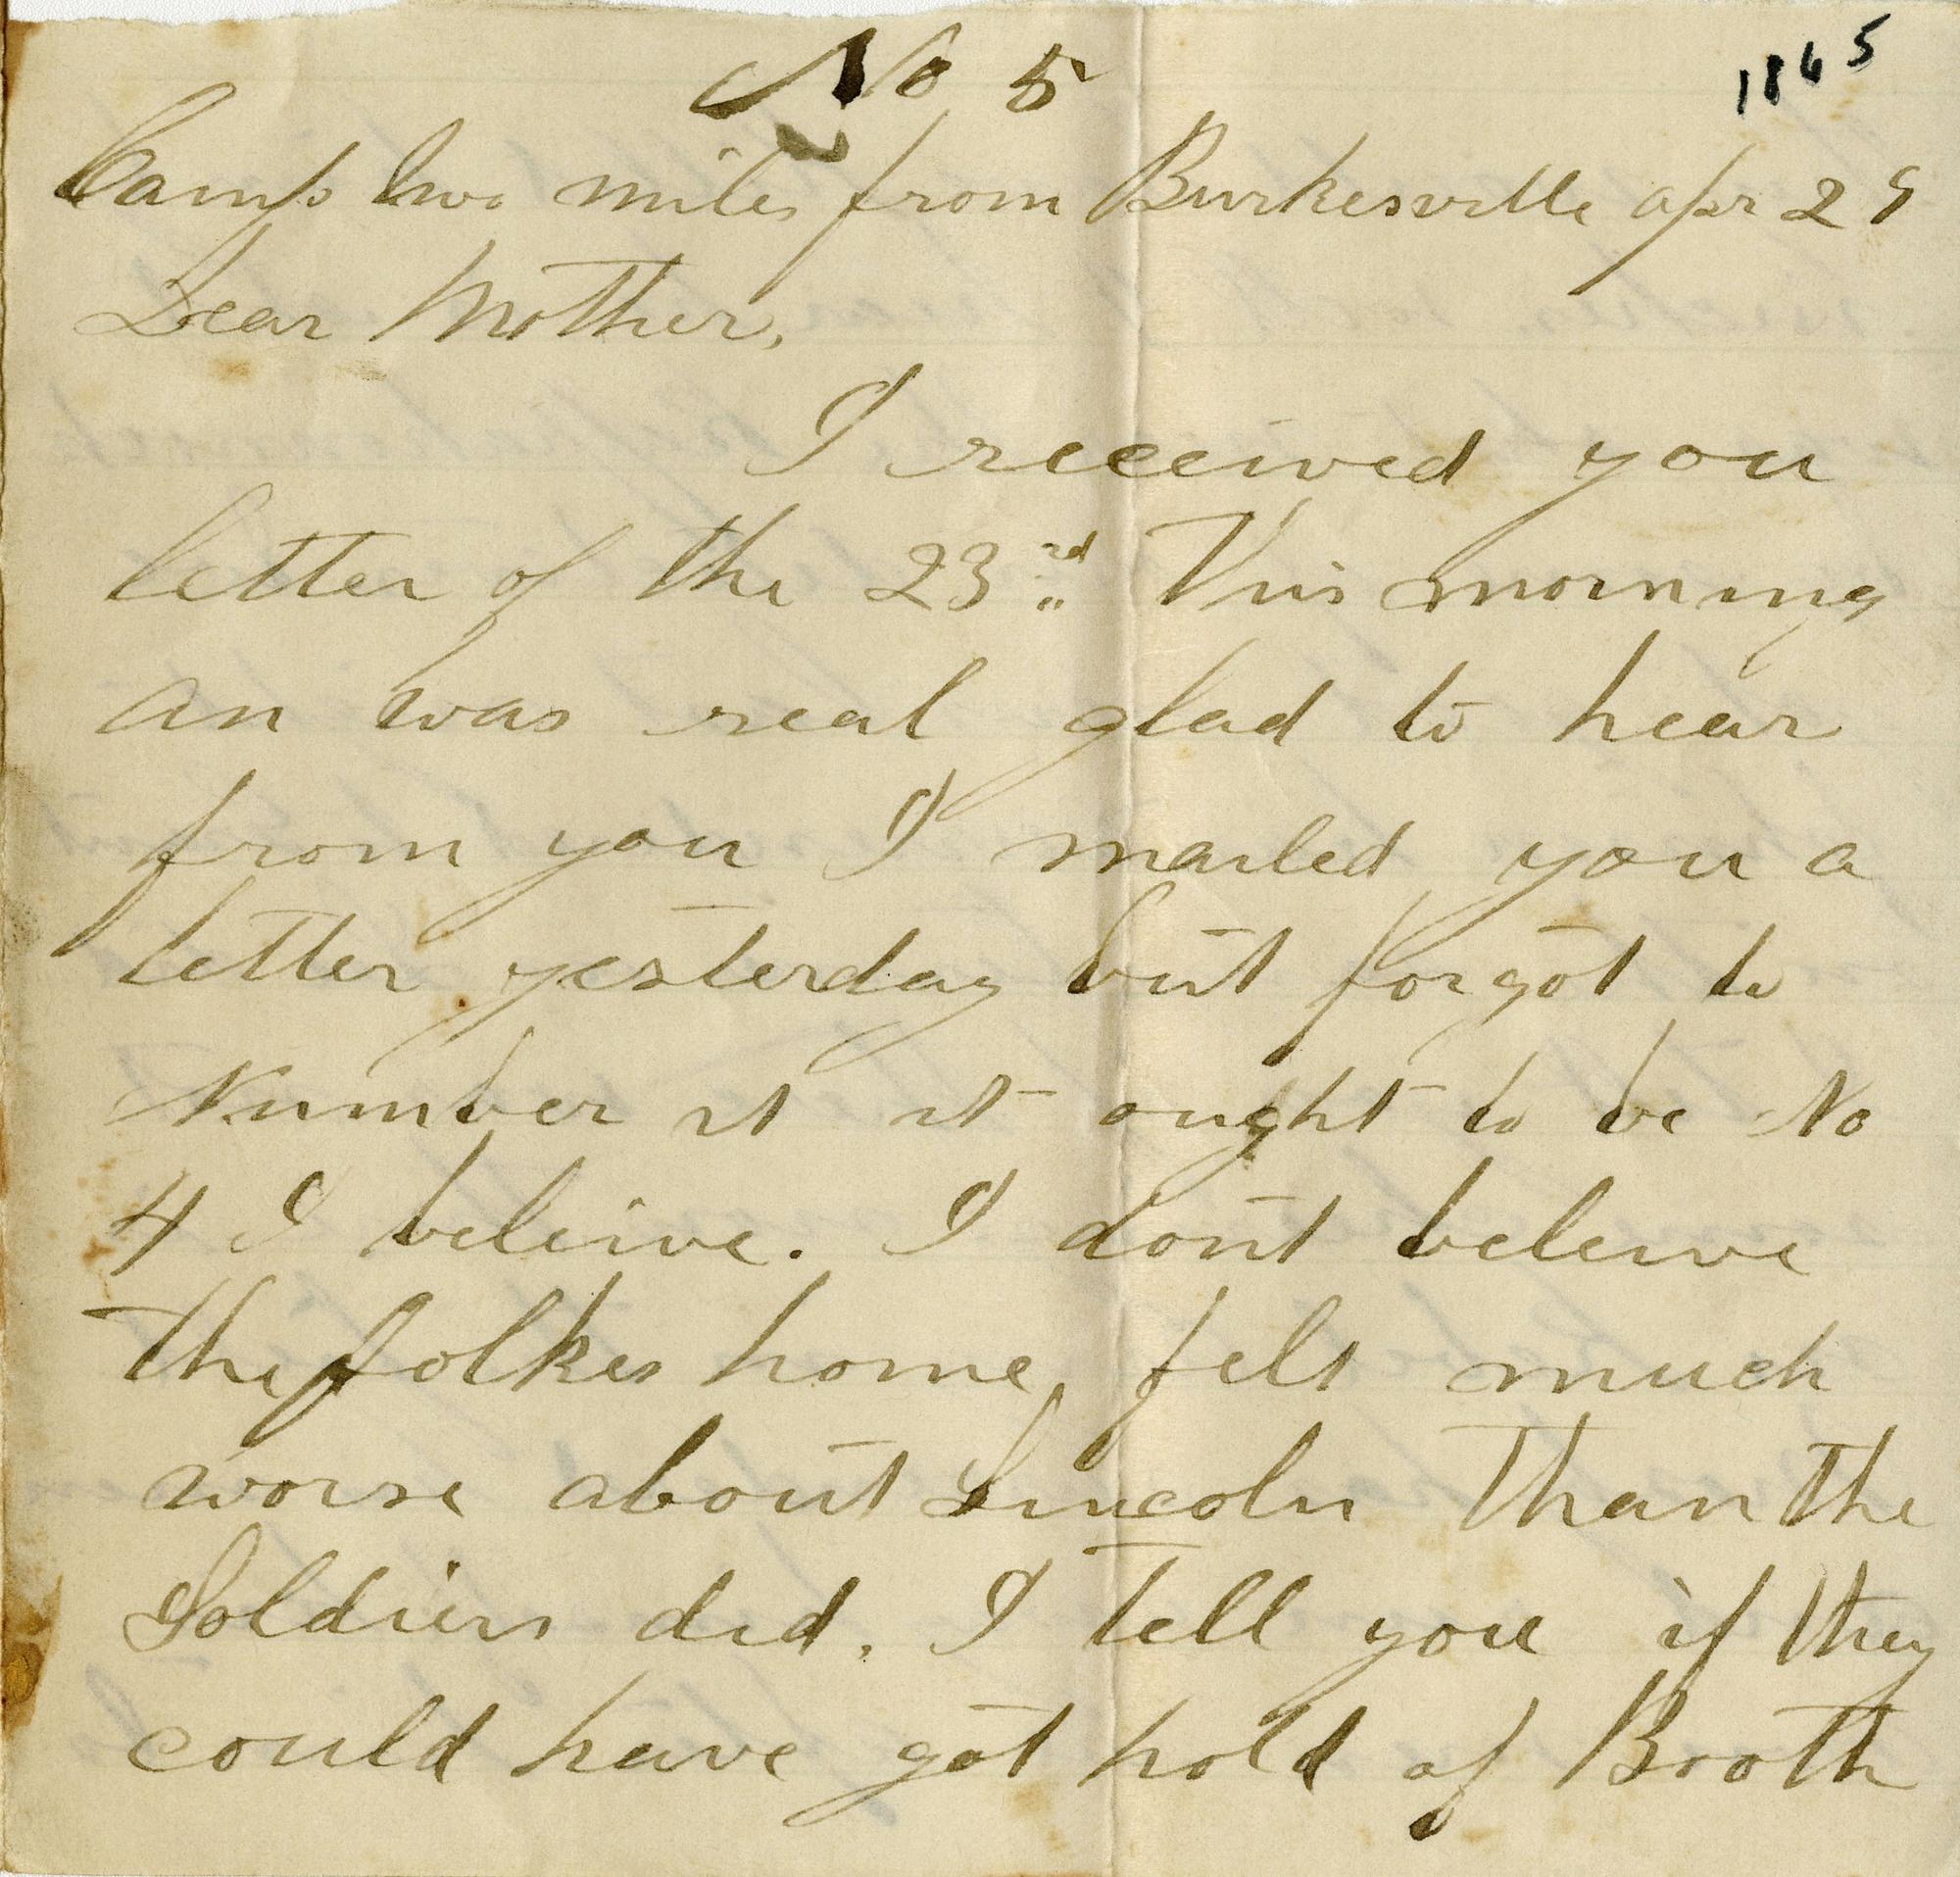 Ms2011-106_LeonardWilliam_B1F2_Letter_1865_0429_pg01.jpg